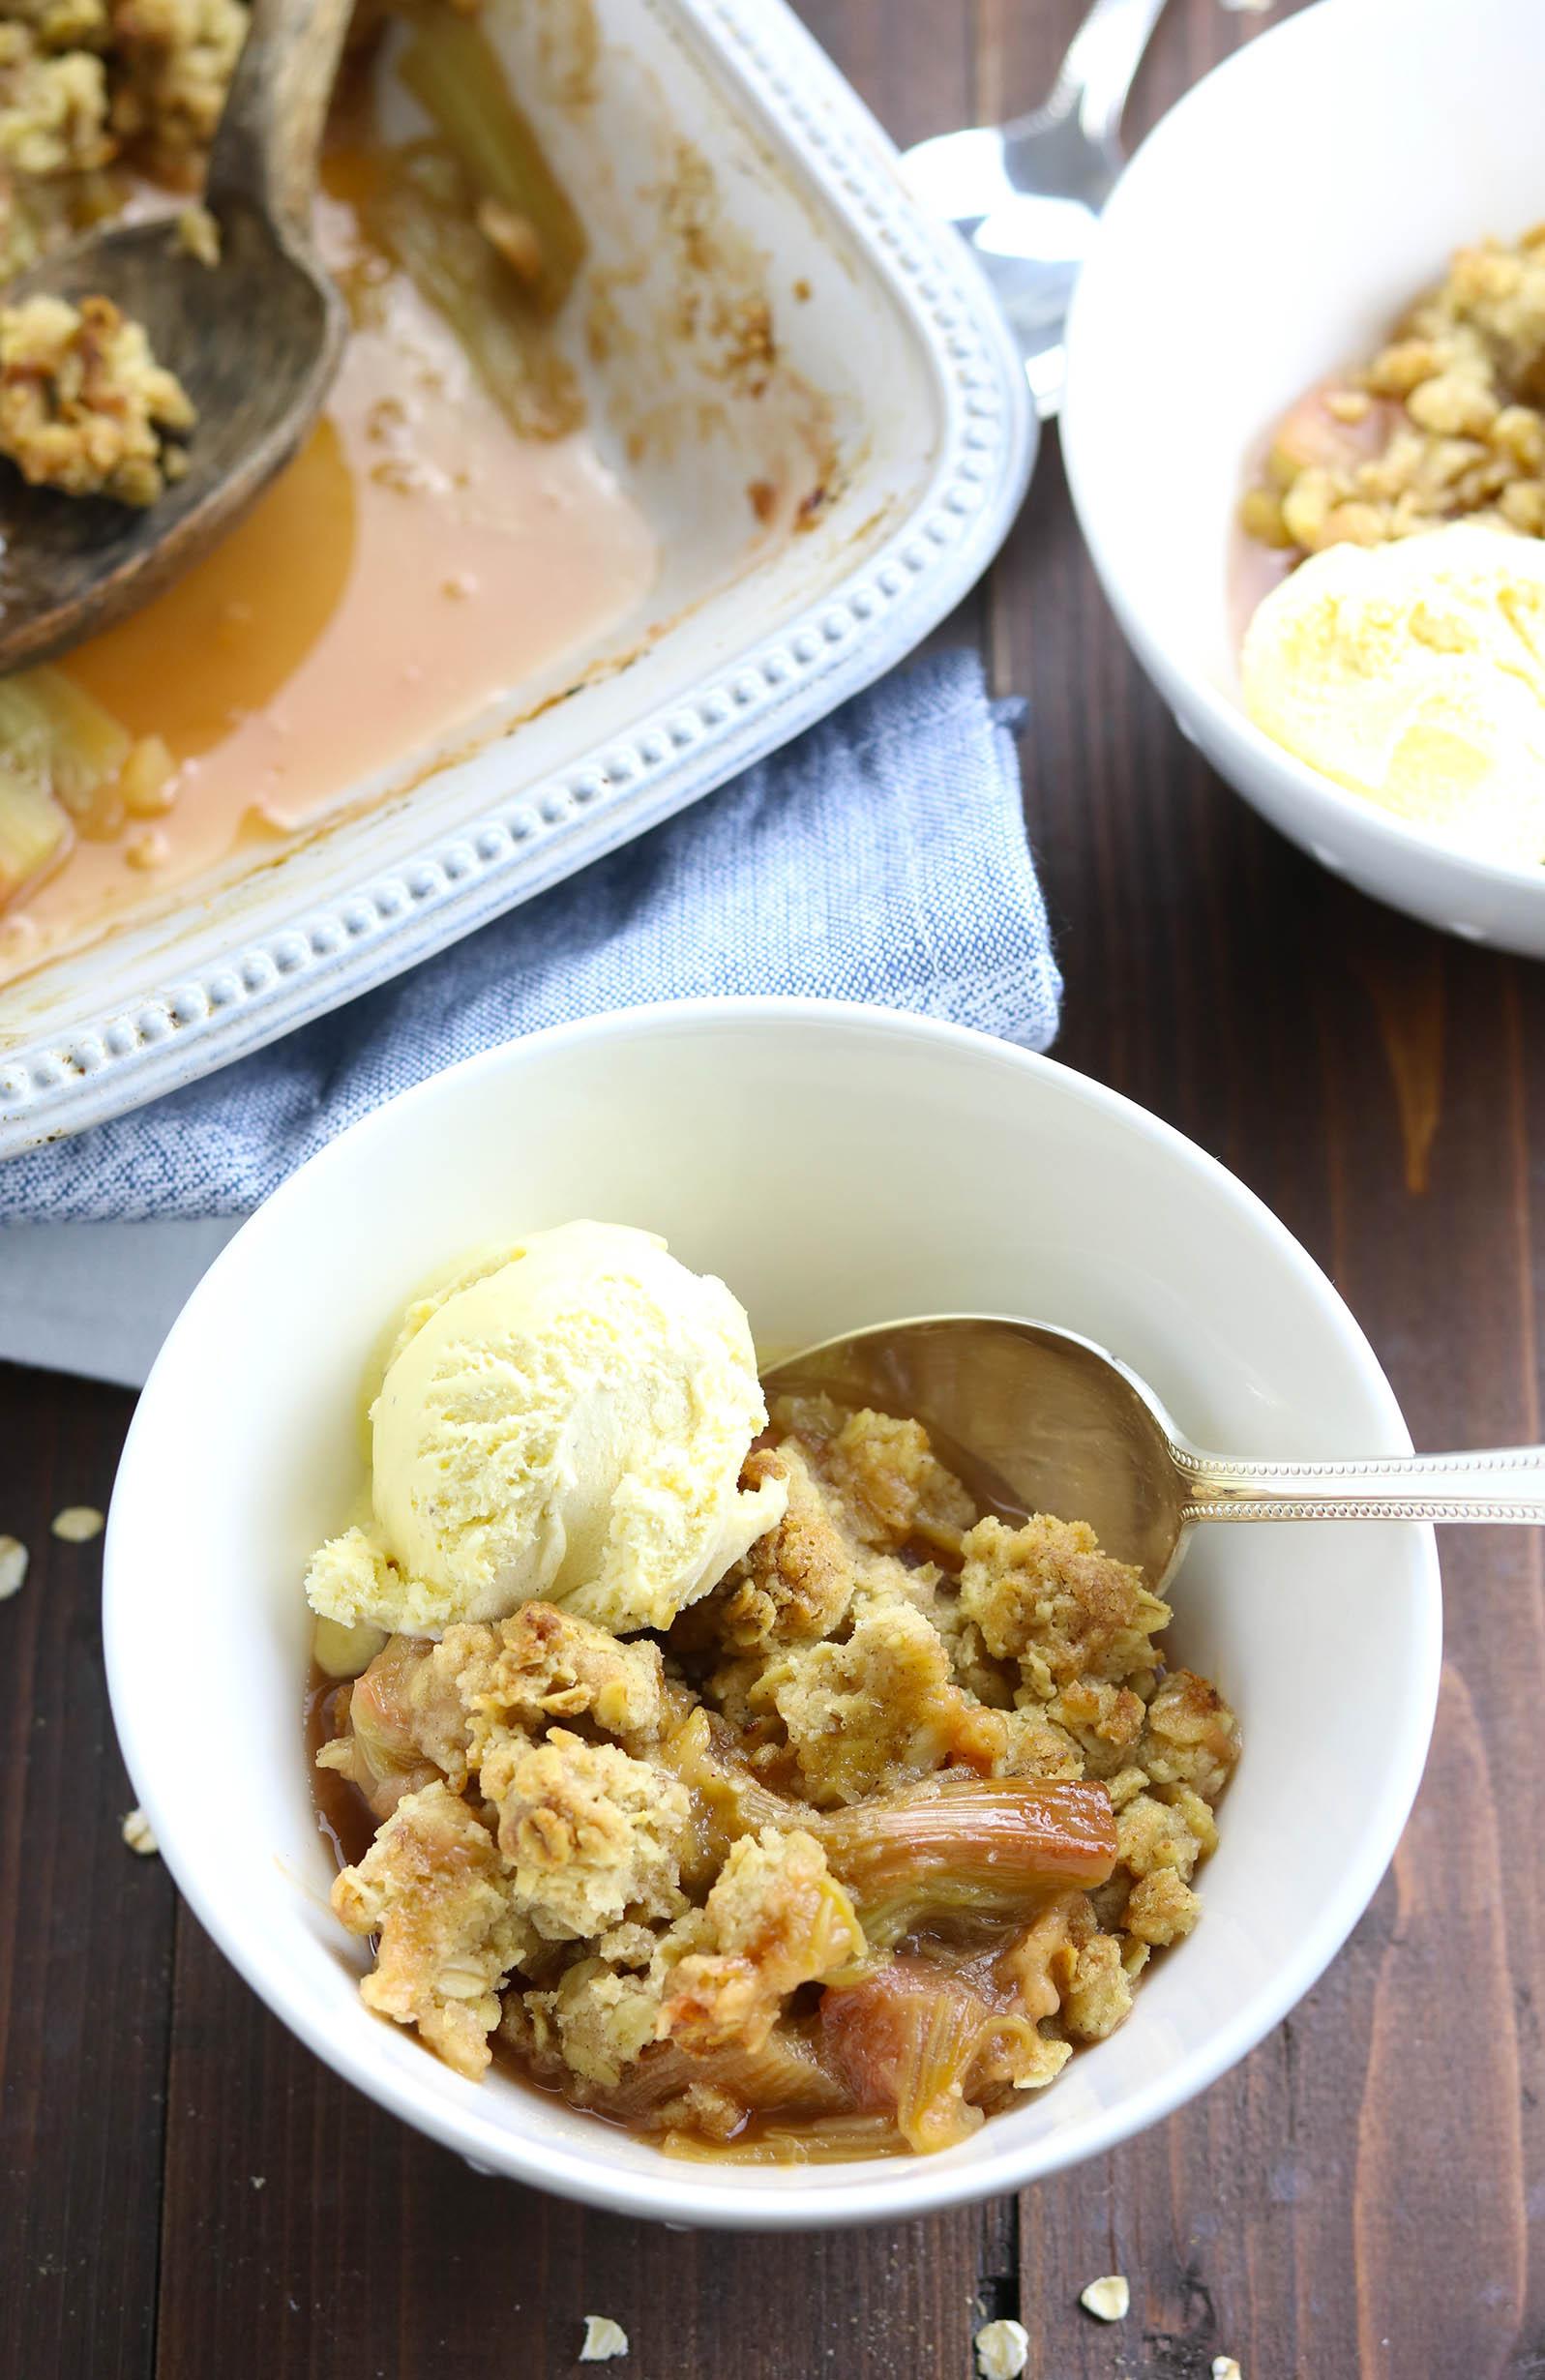 Rhubarb & Ginger Oat Crumble